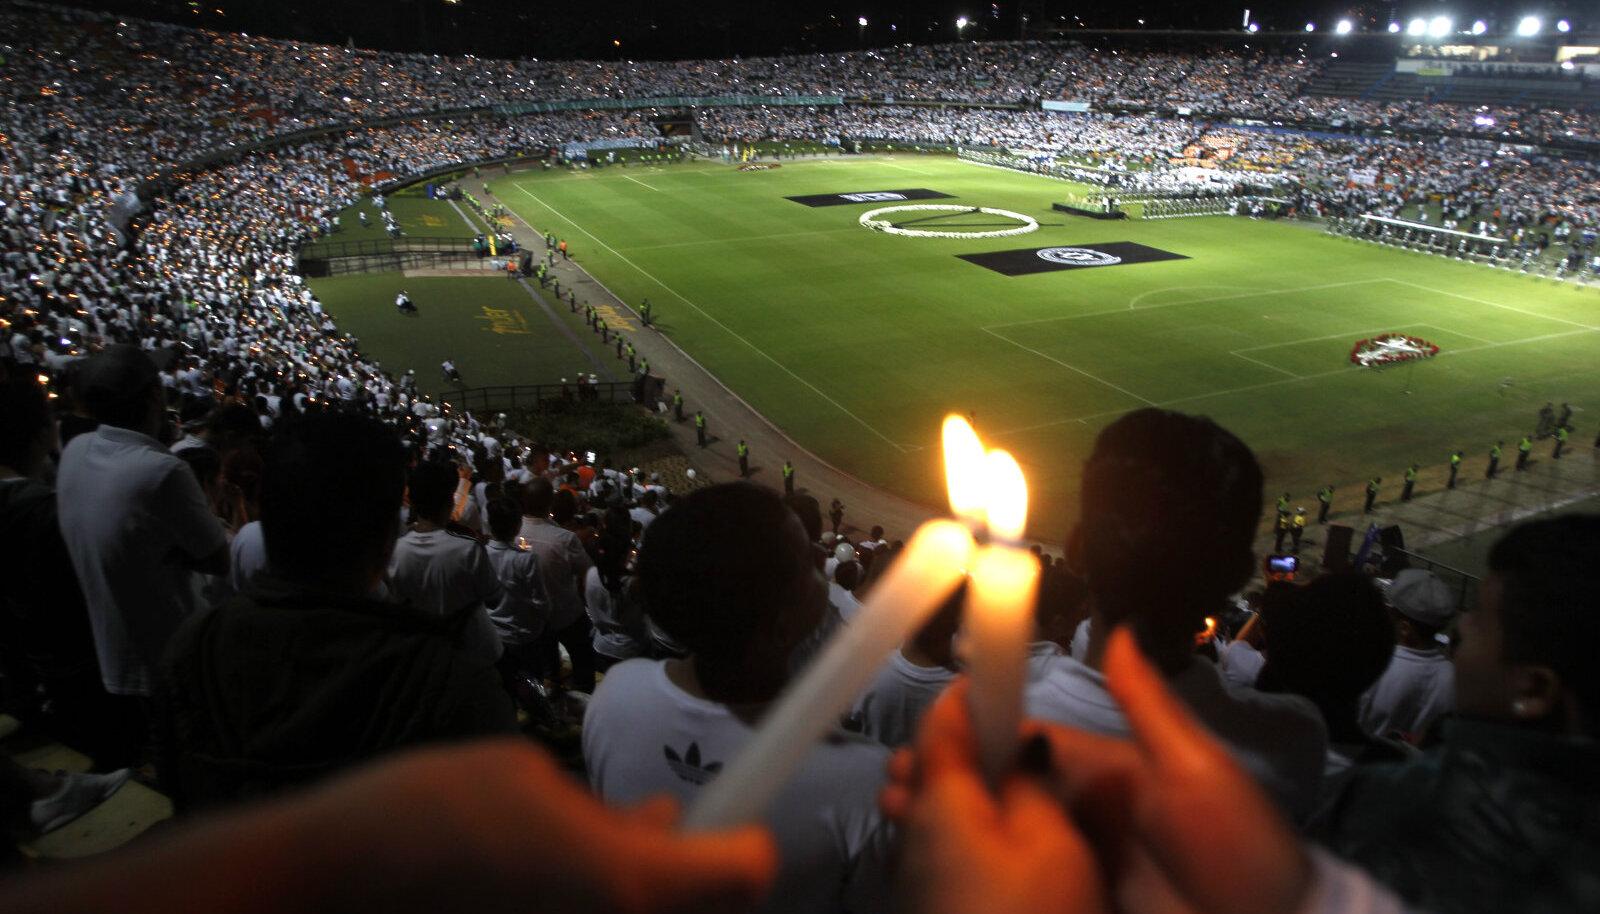 Medellini Atletico Nacionali fännid tulid kolmapäeval tühjale staadionile hukkunud Chapecoense mängijatele austust avaldama.